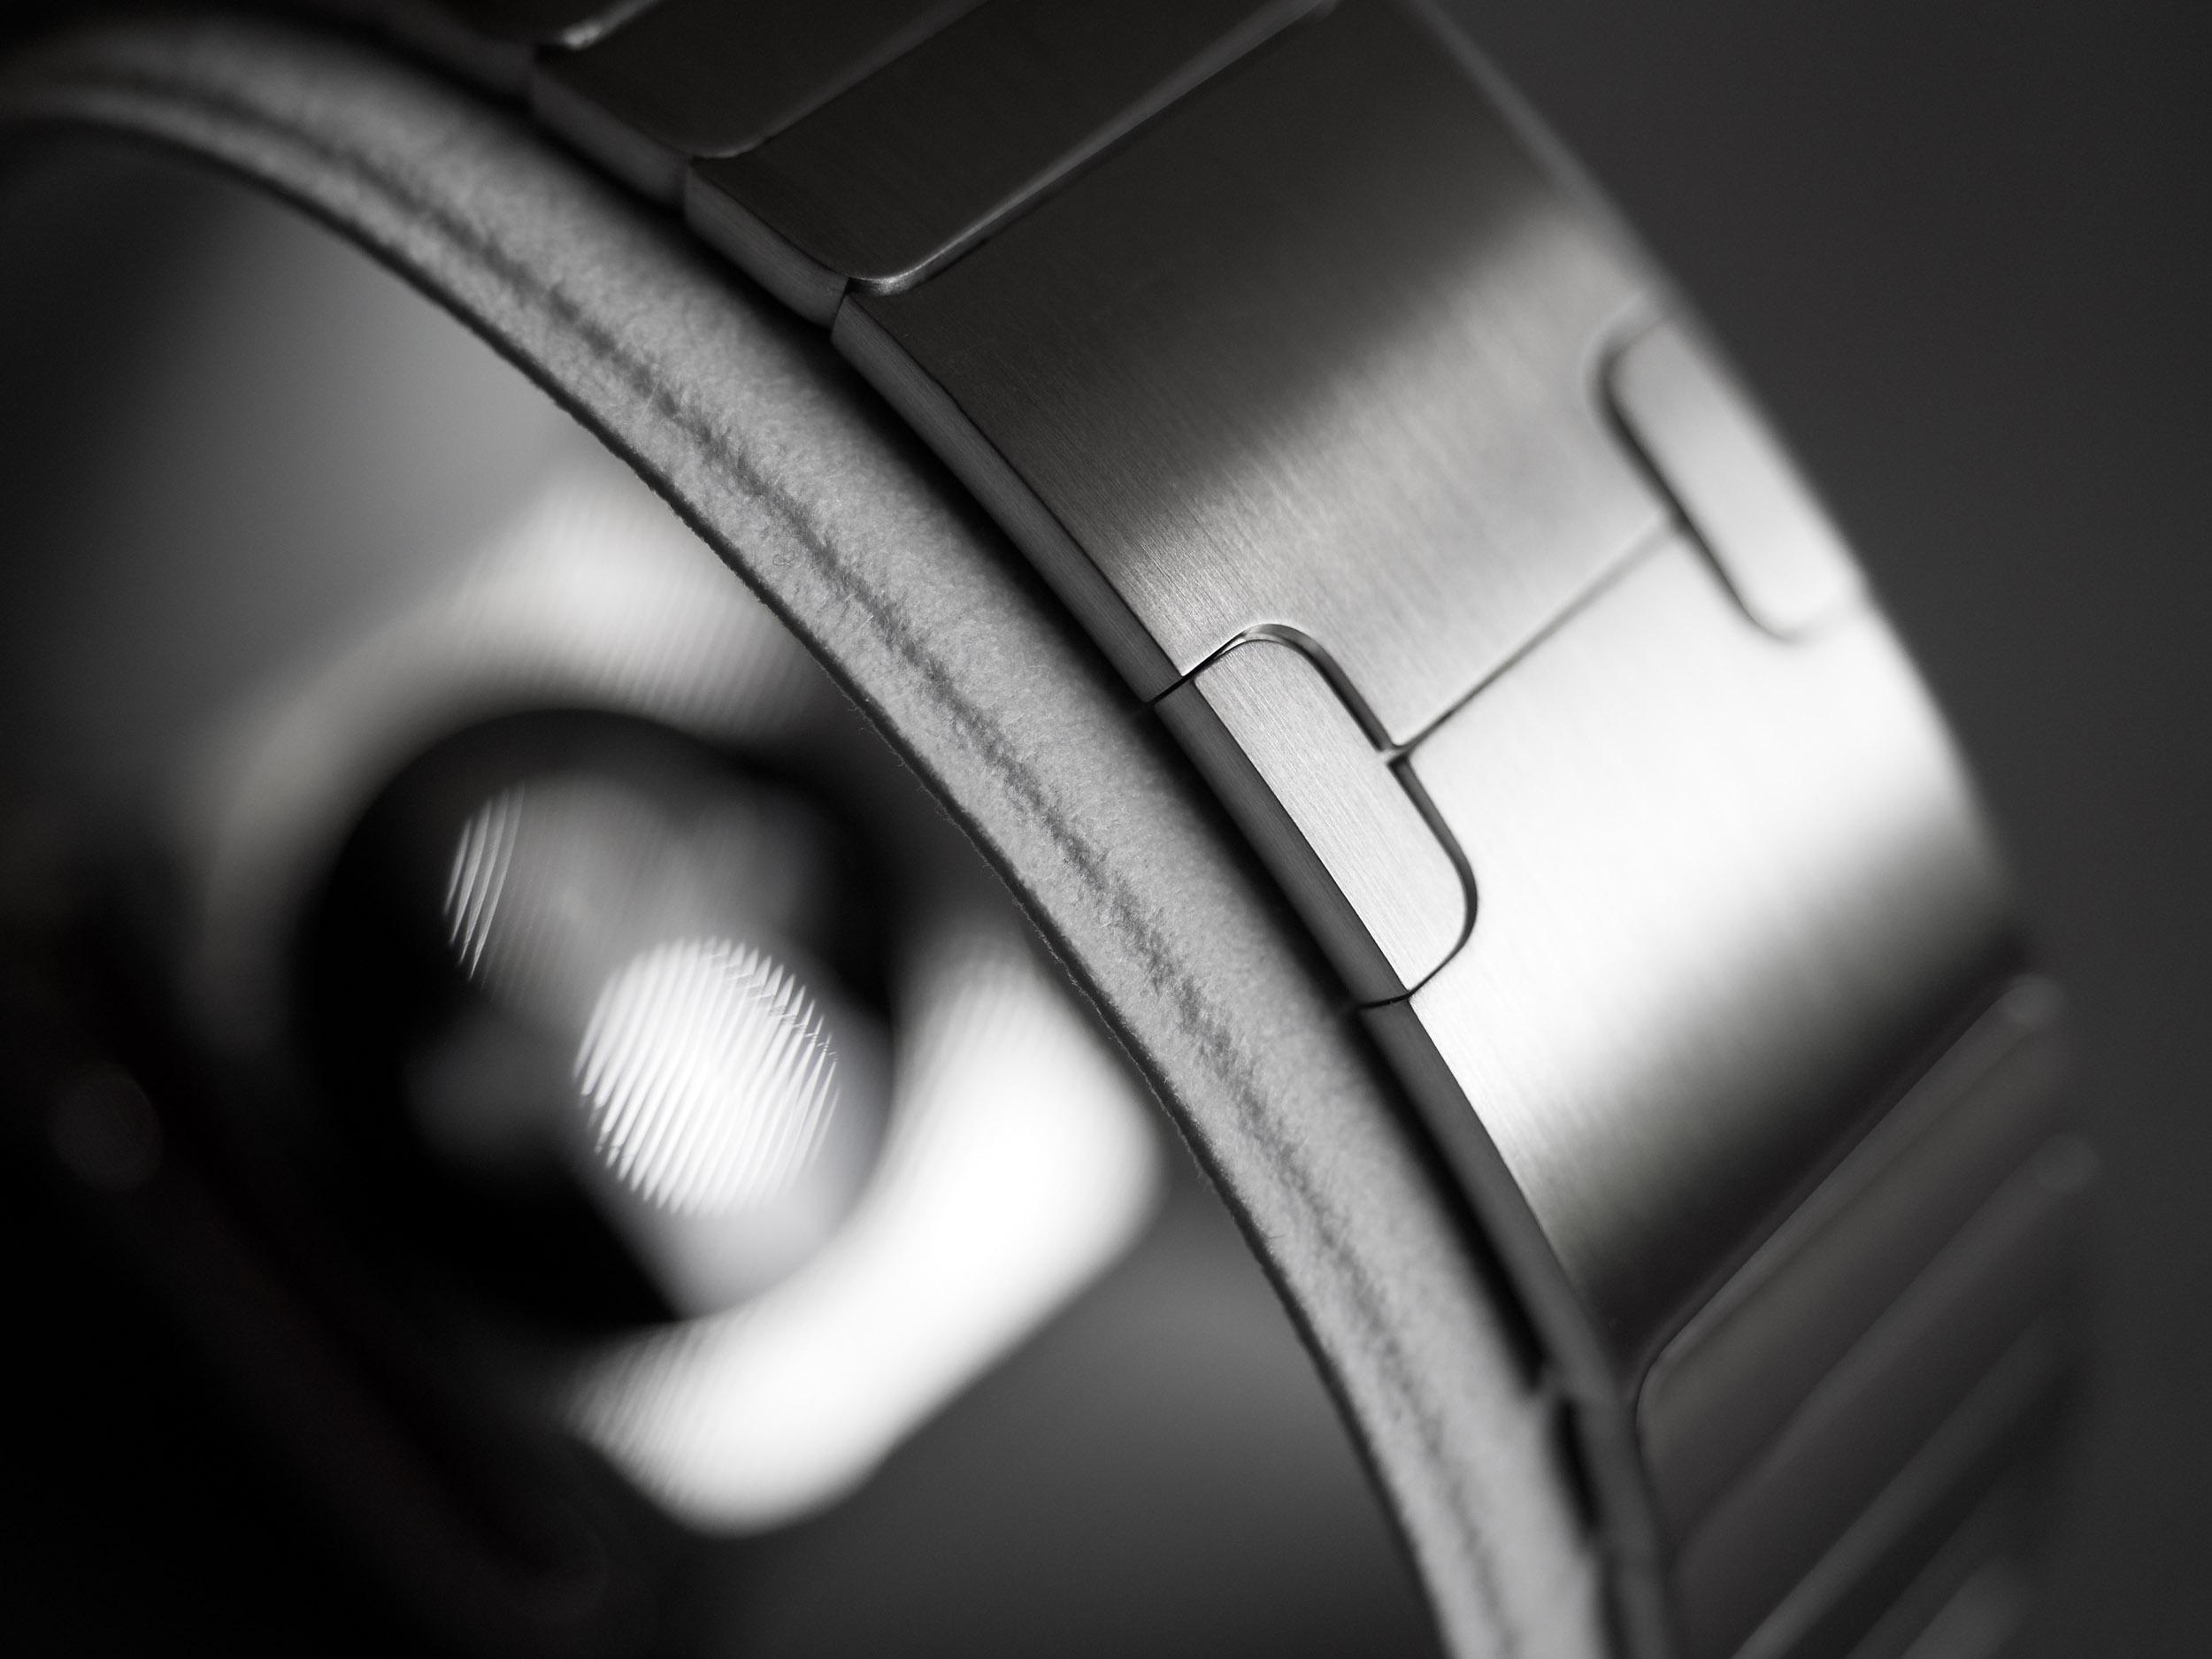 Praxistest Apple Watch - drei Wochen mit Apples Smartwatch | News ...